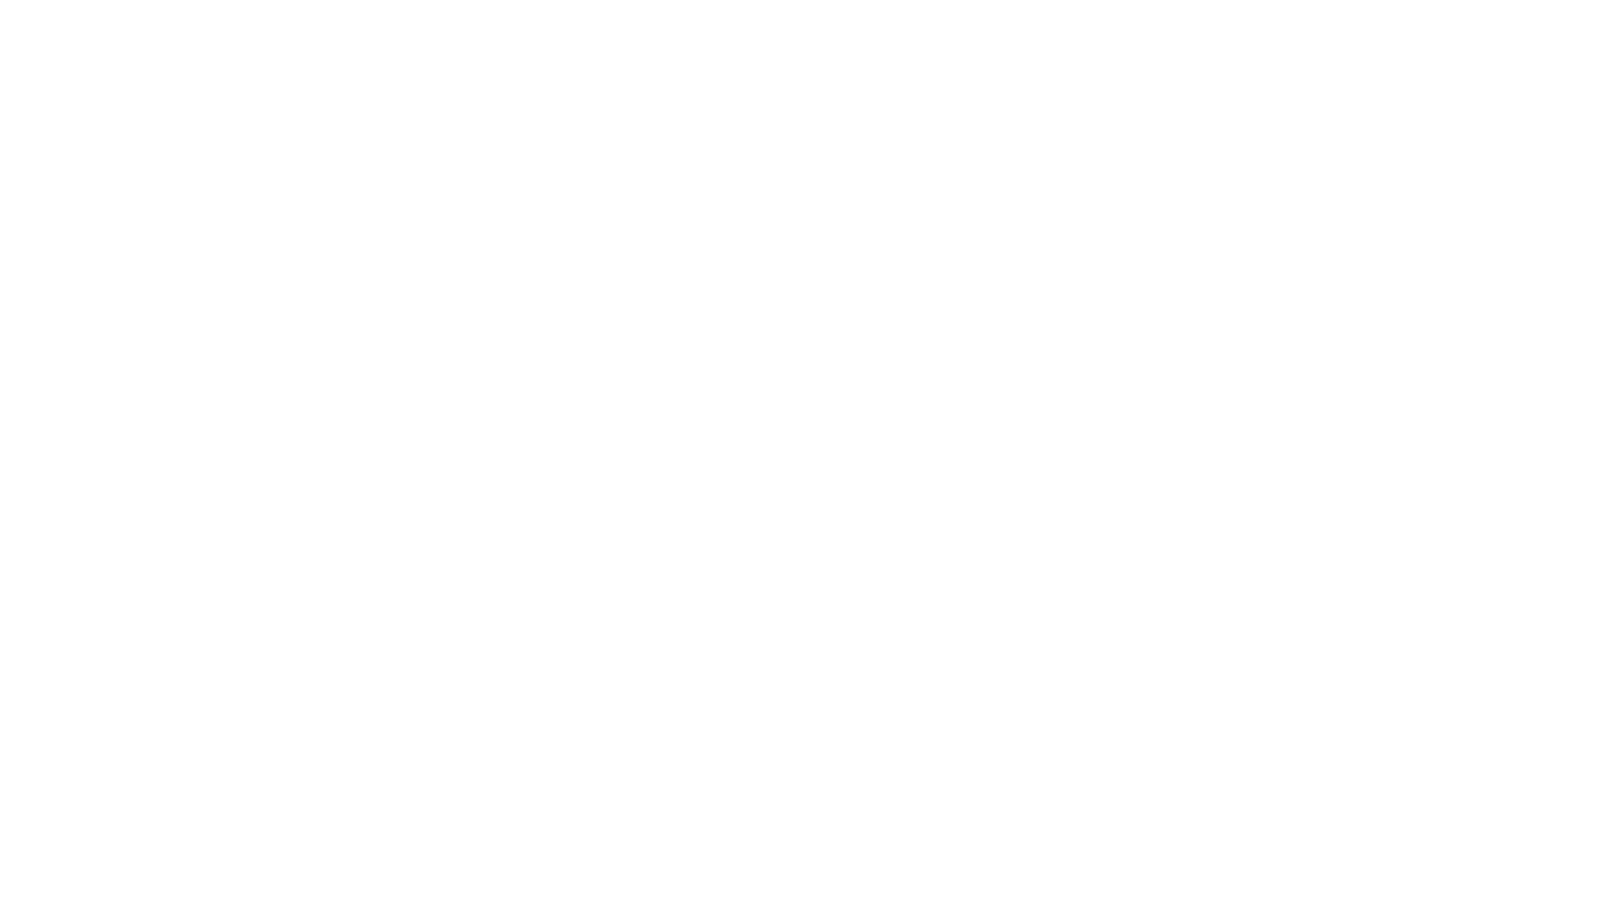 Fundación Tierra de Esperanza desde el 2 de agosto al 14 de diciembre de 2021, tendrá activa su campaña solidaria #DonaUnaCenaConEsperanza para llegar a las familias con niños, niñas y adolescentes que participan en sus programas desde Iquique a Puerto Montt. Dona una Cena con Esperanza en www.tdesperanza.cl